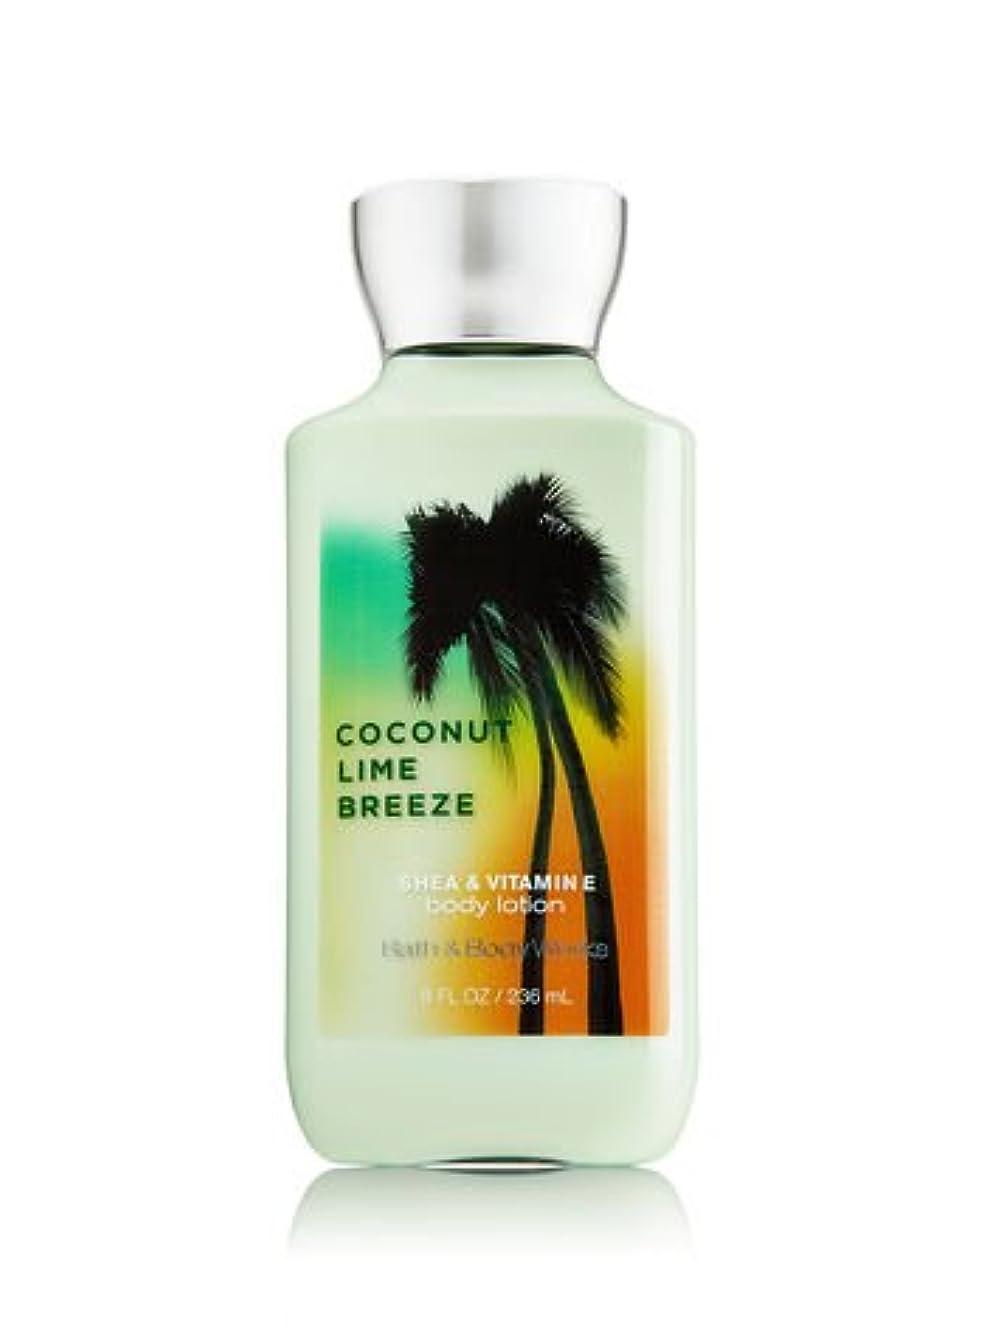 パテ設計図保証バス&ボディワークス ココナッツライムブリーズ ボディローション Coconut Lime Breeze Body Lotion [並行輸入品]